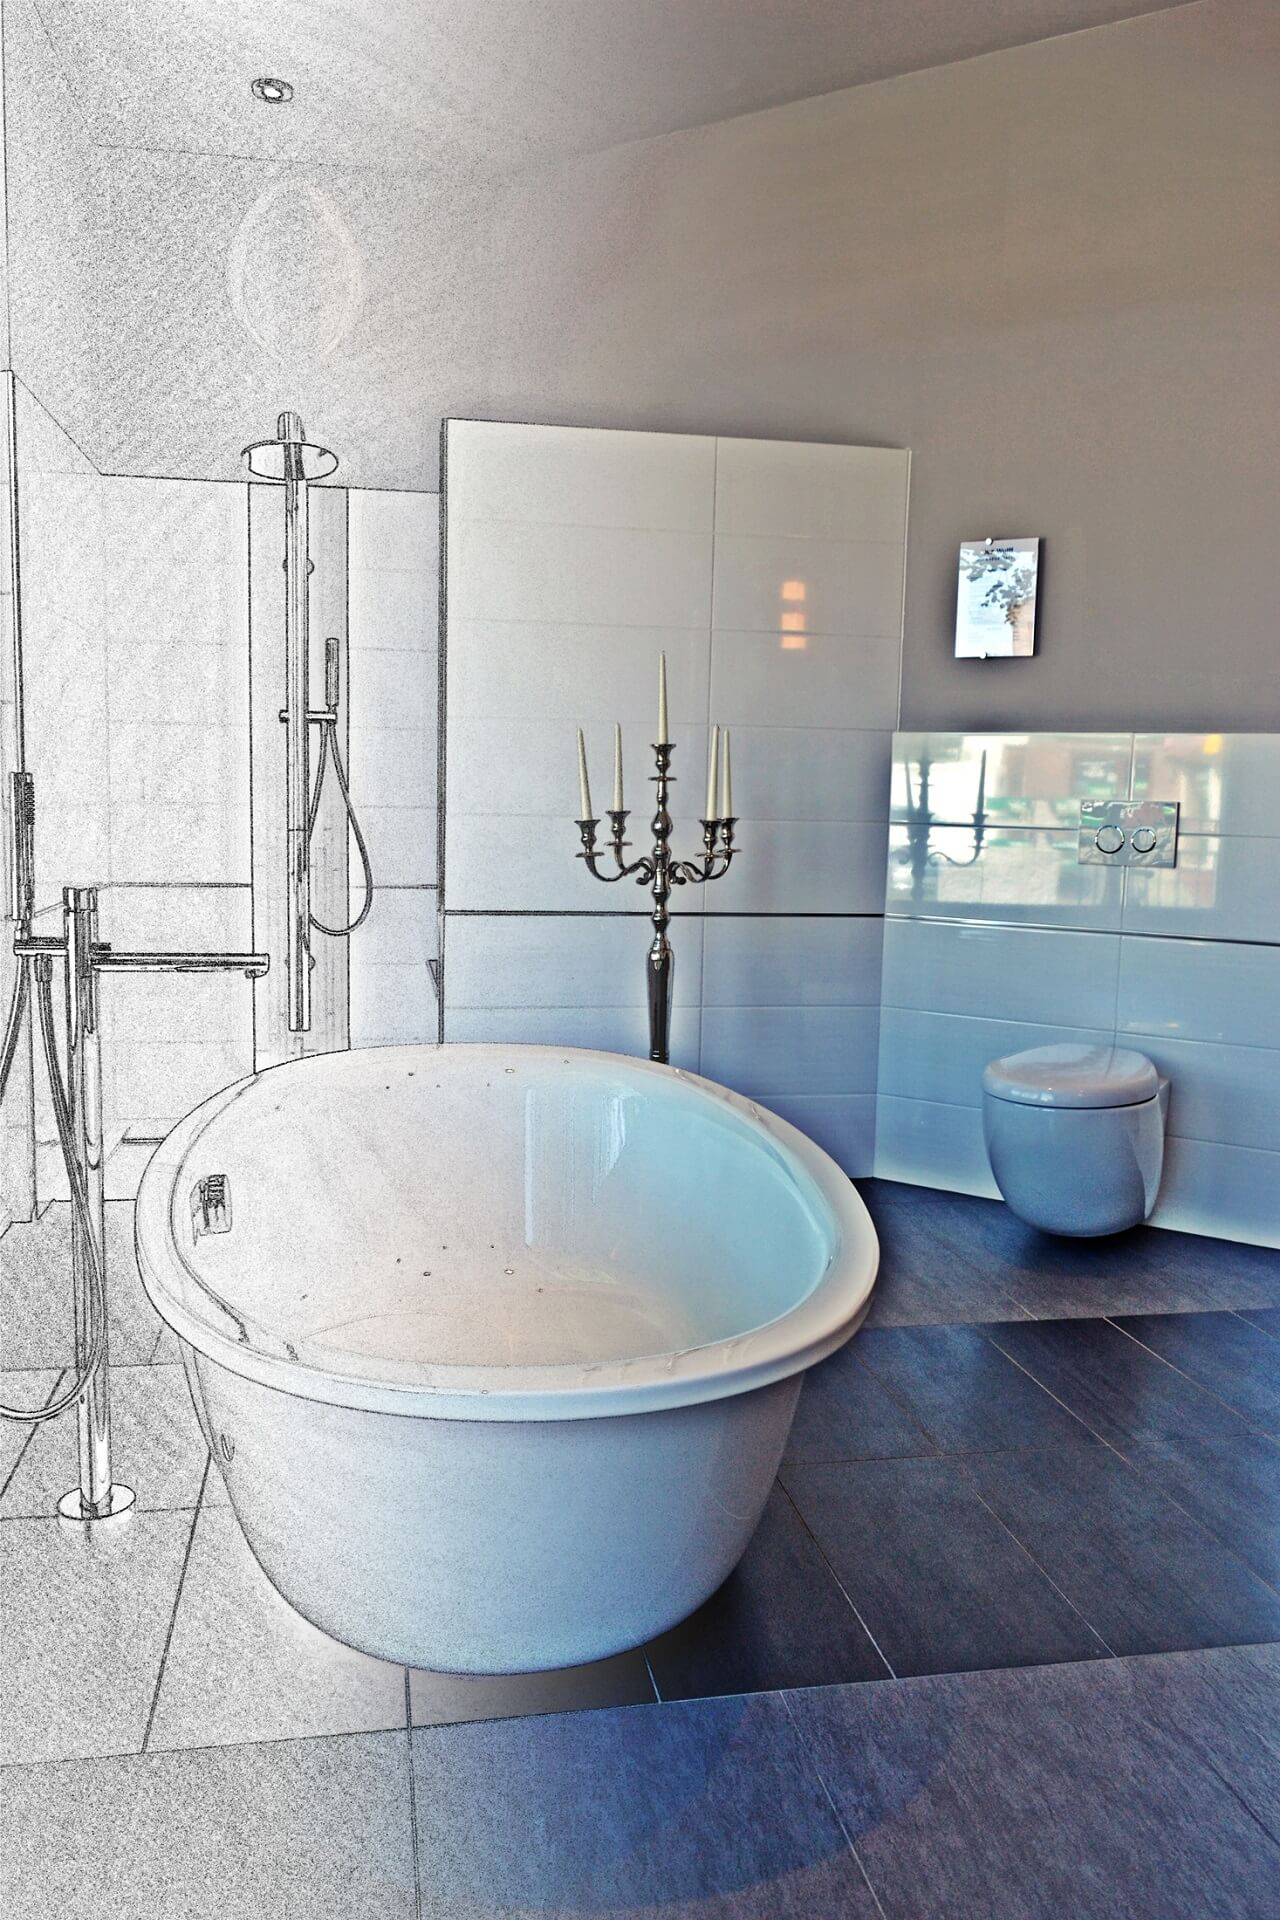 luxus pur die freistehende badewanne steht f r exklusivit t. Black Bedroom Furniture Sets. Home Design Ideas